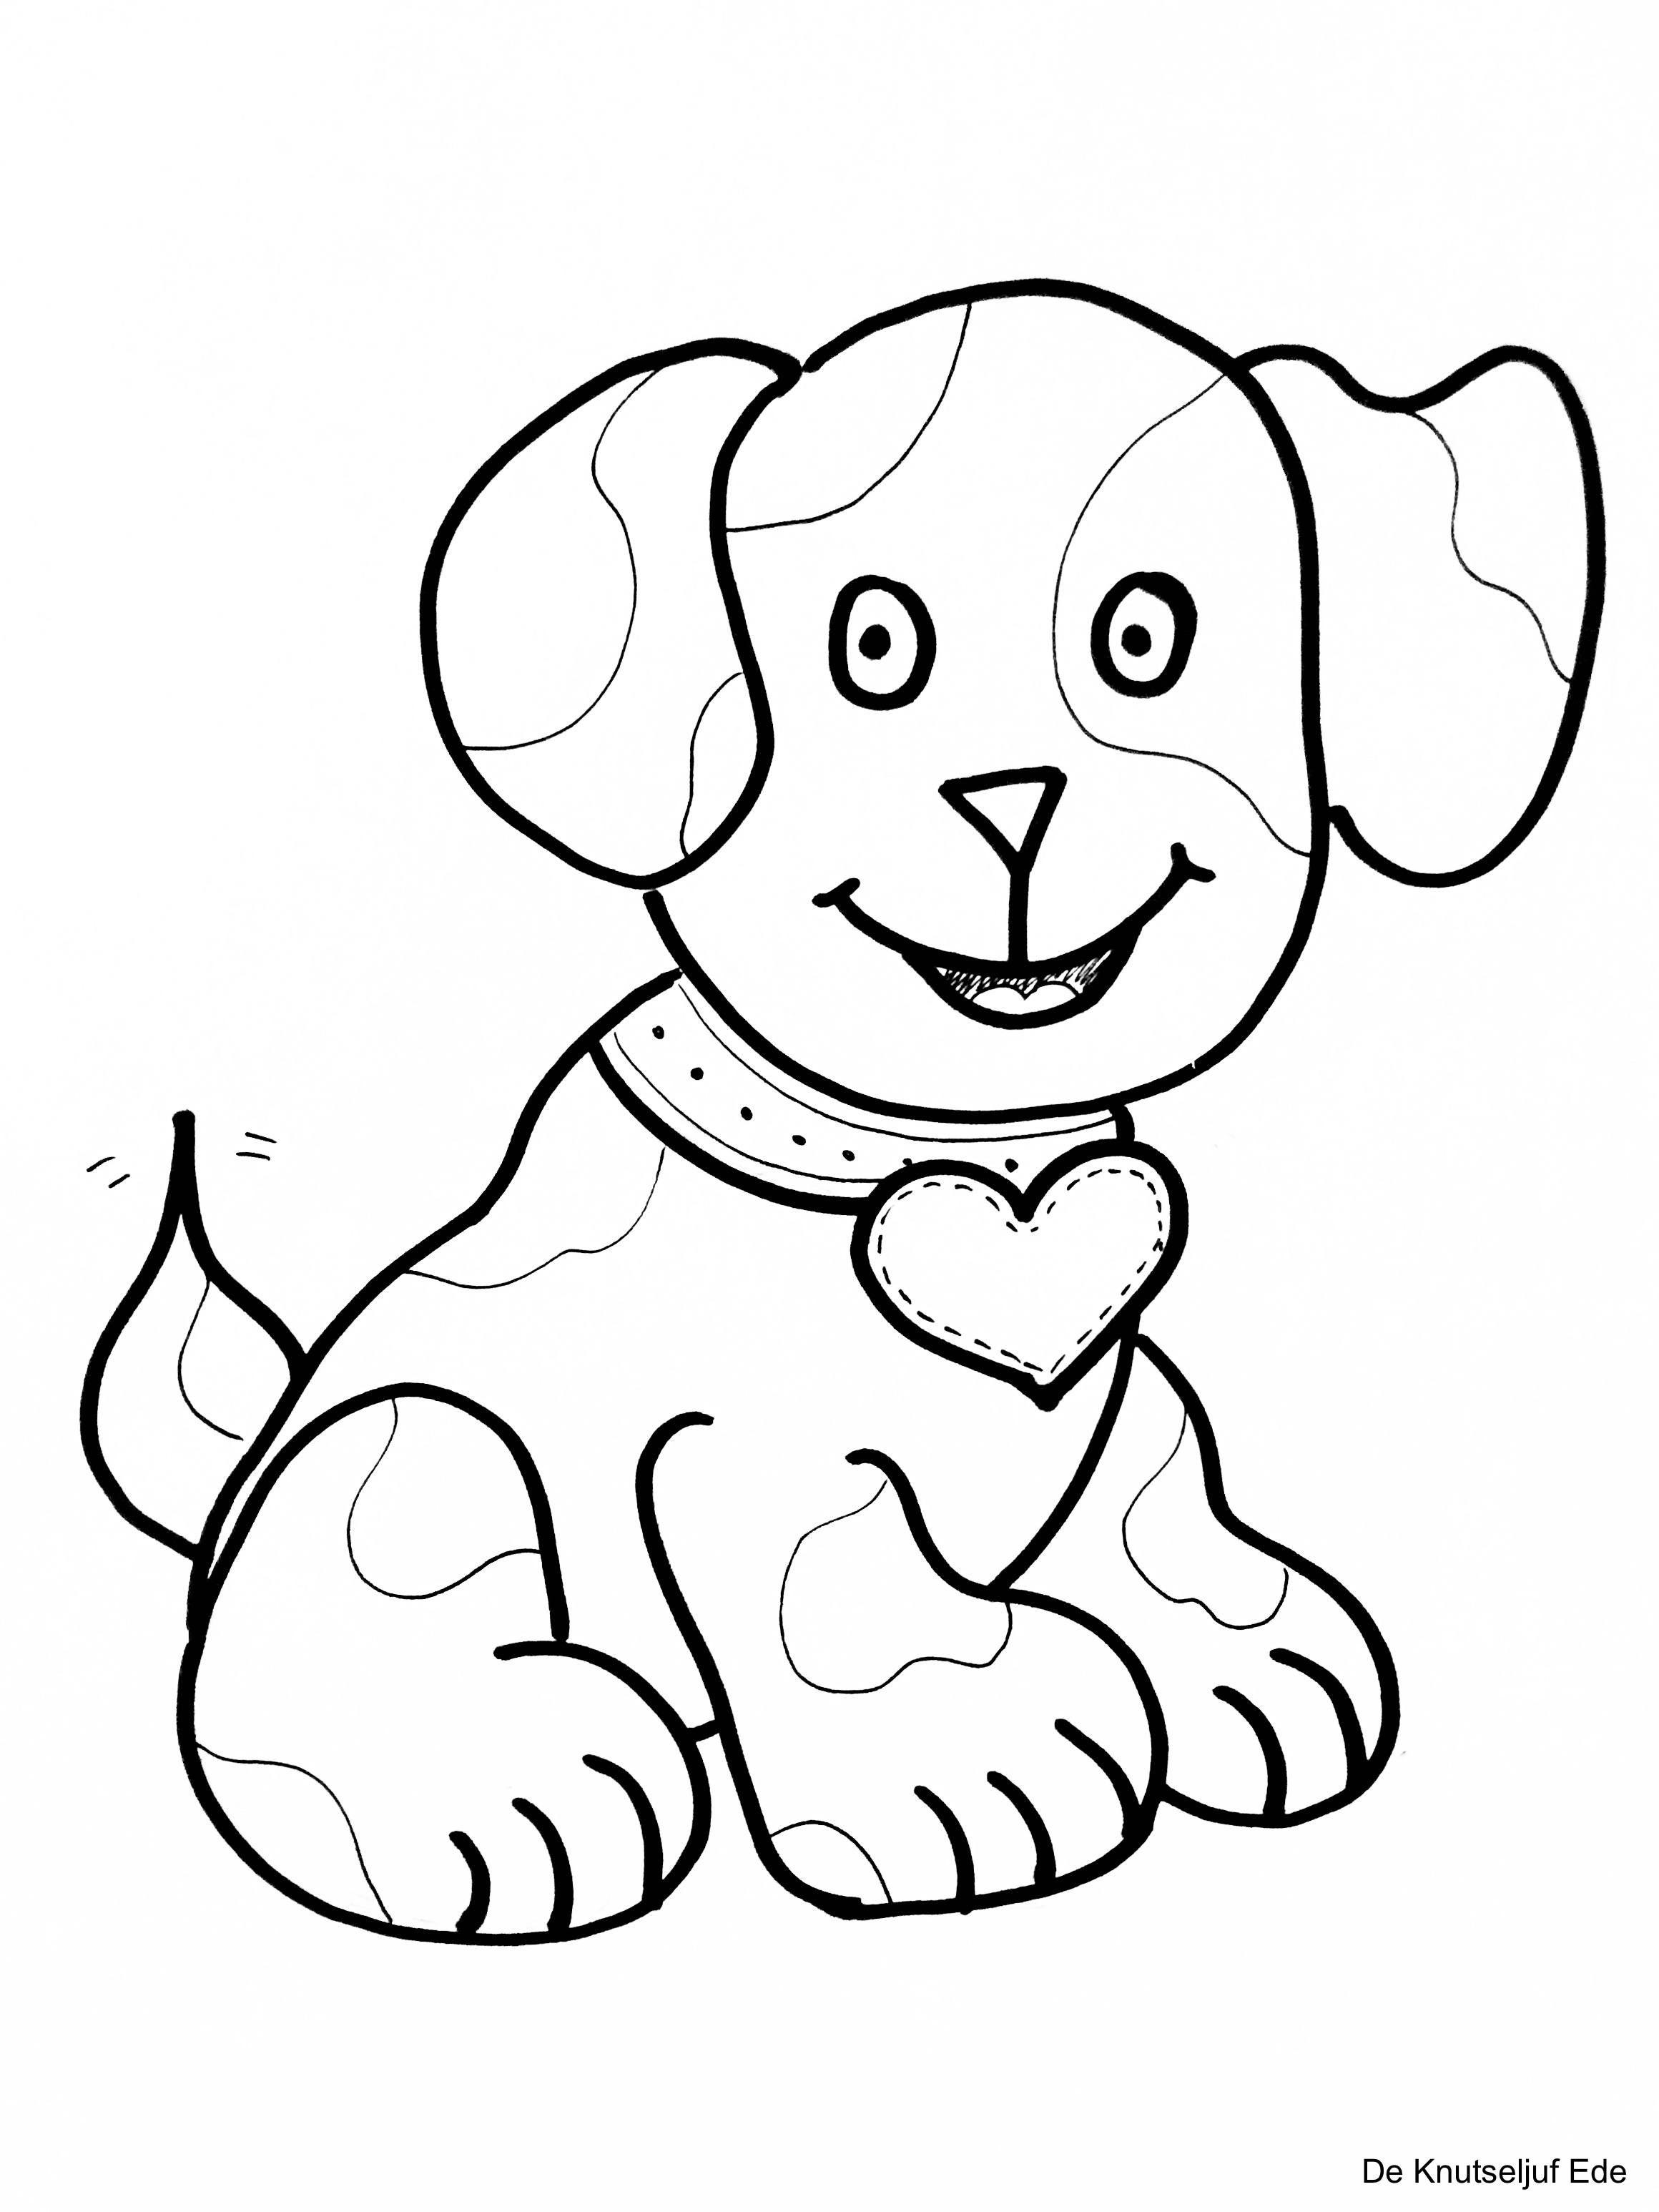 Kleurplaten Honden Kleurplatenhondenpuppies Hondjes Huisdieren Knipplaat Tekeninghond De Knutseljuf Ede Honden Schoothondjes Kleurplaten